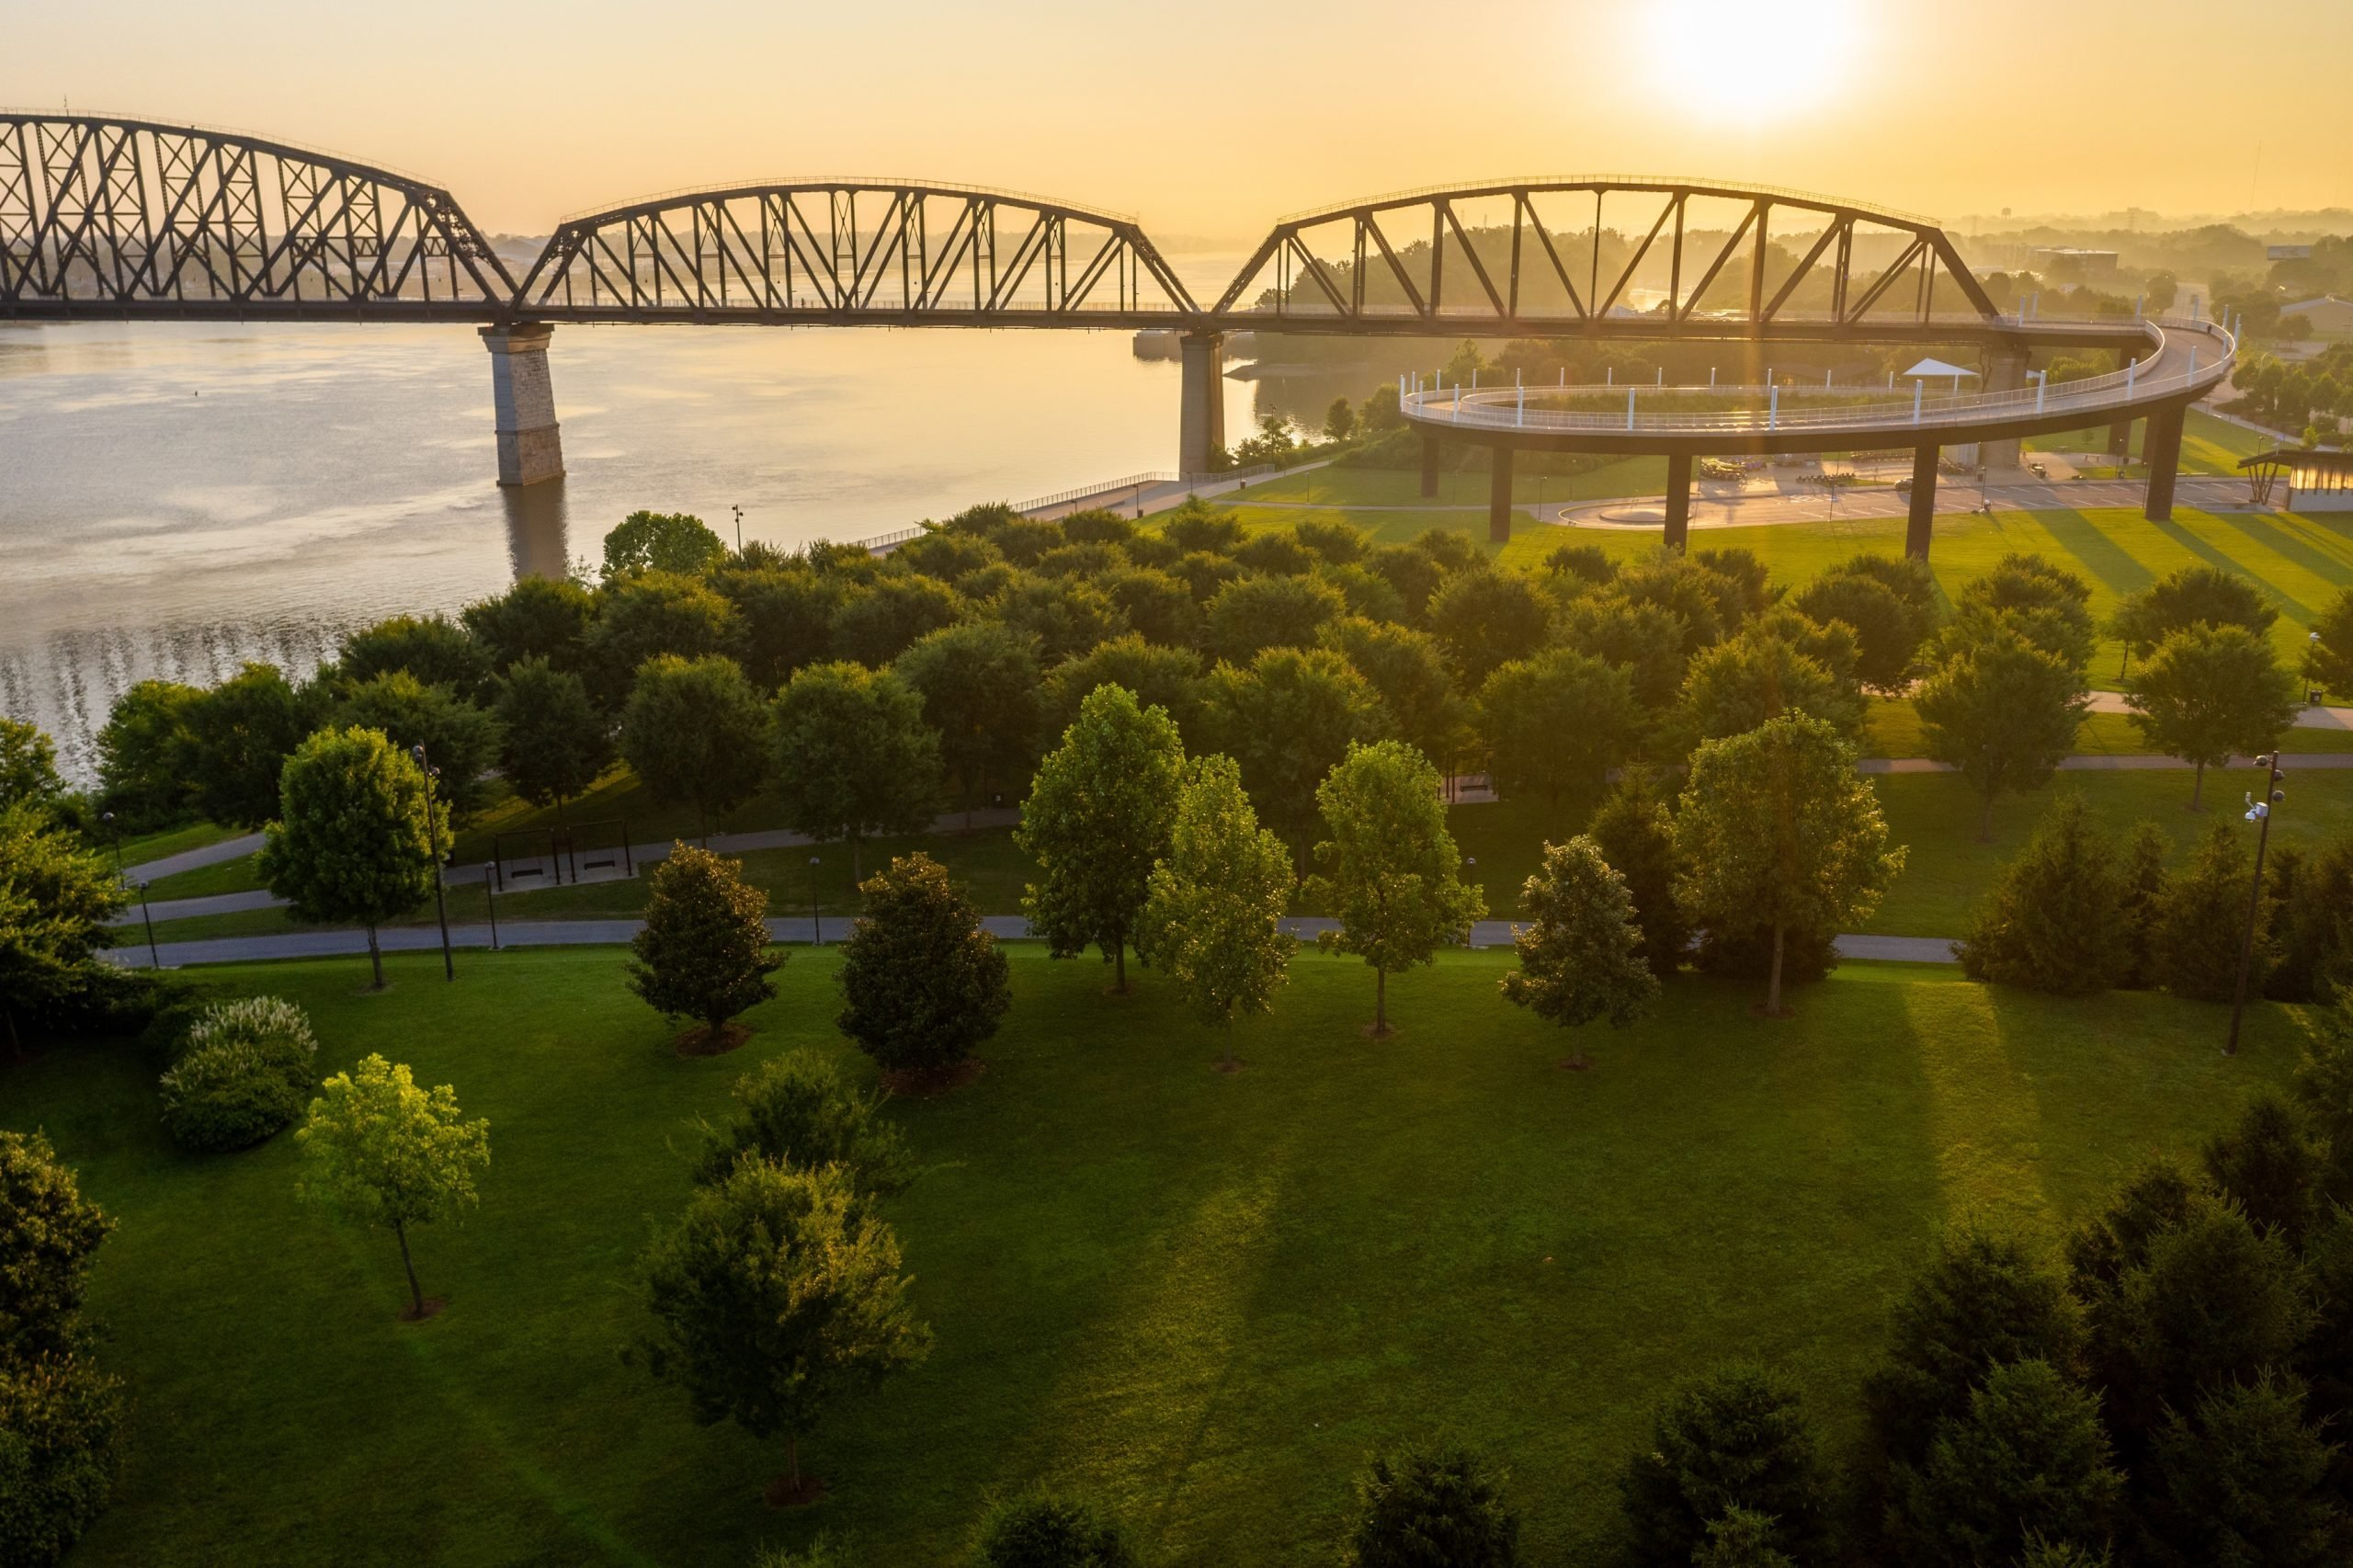 Big Four Bridge Indiana and Kentucky